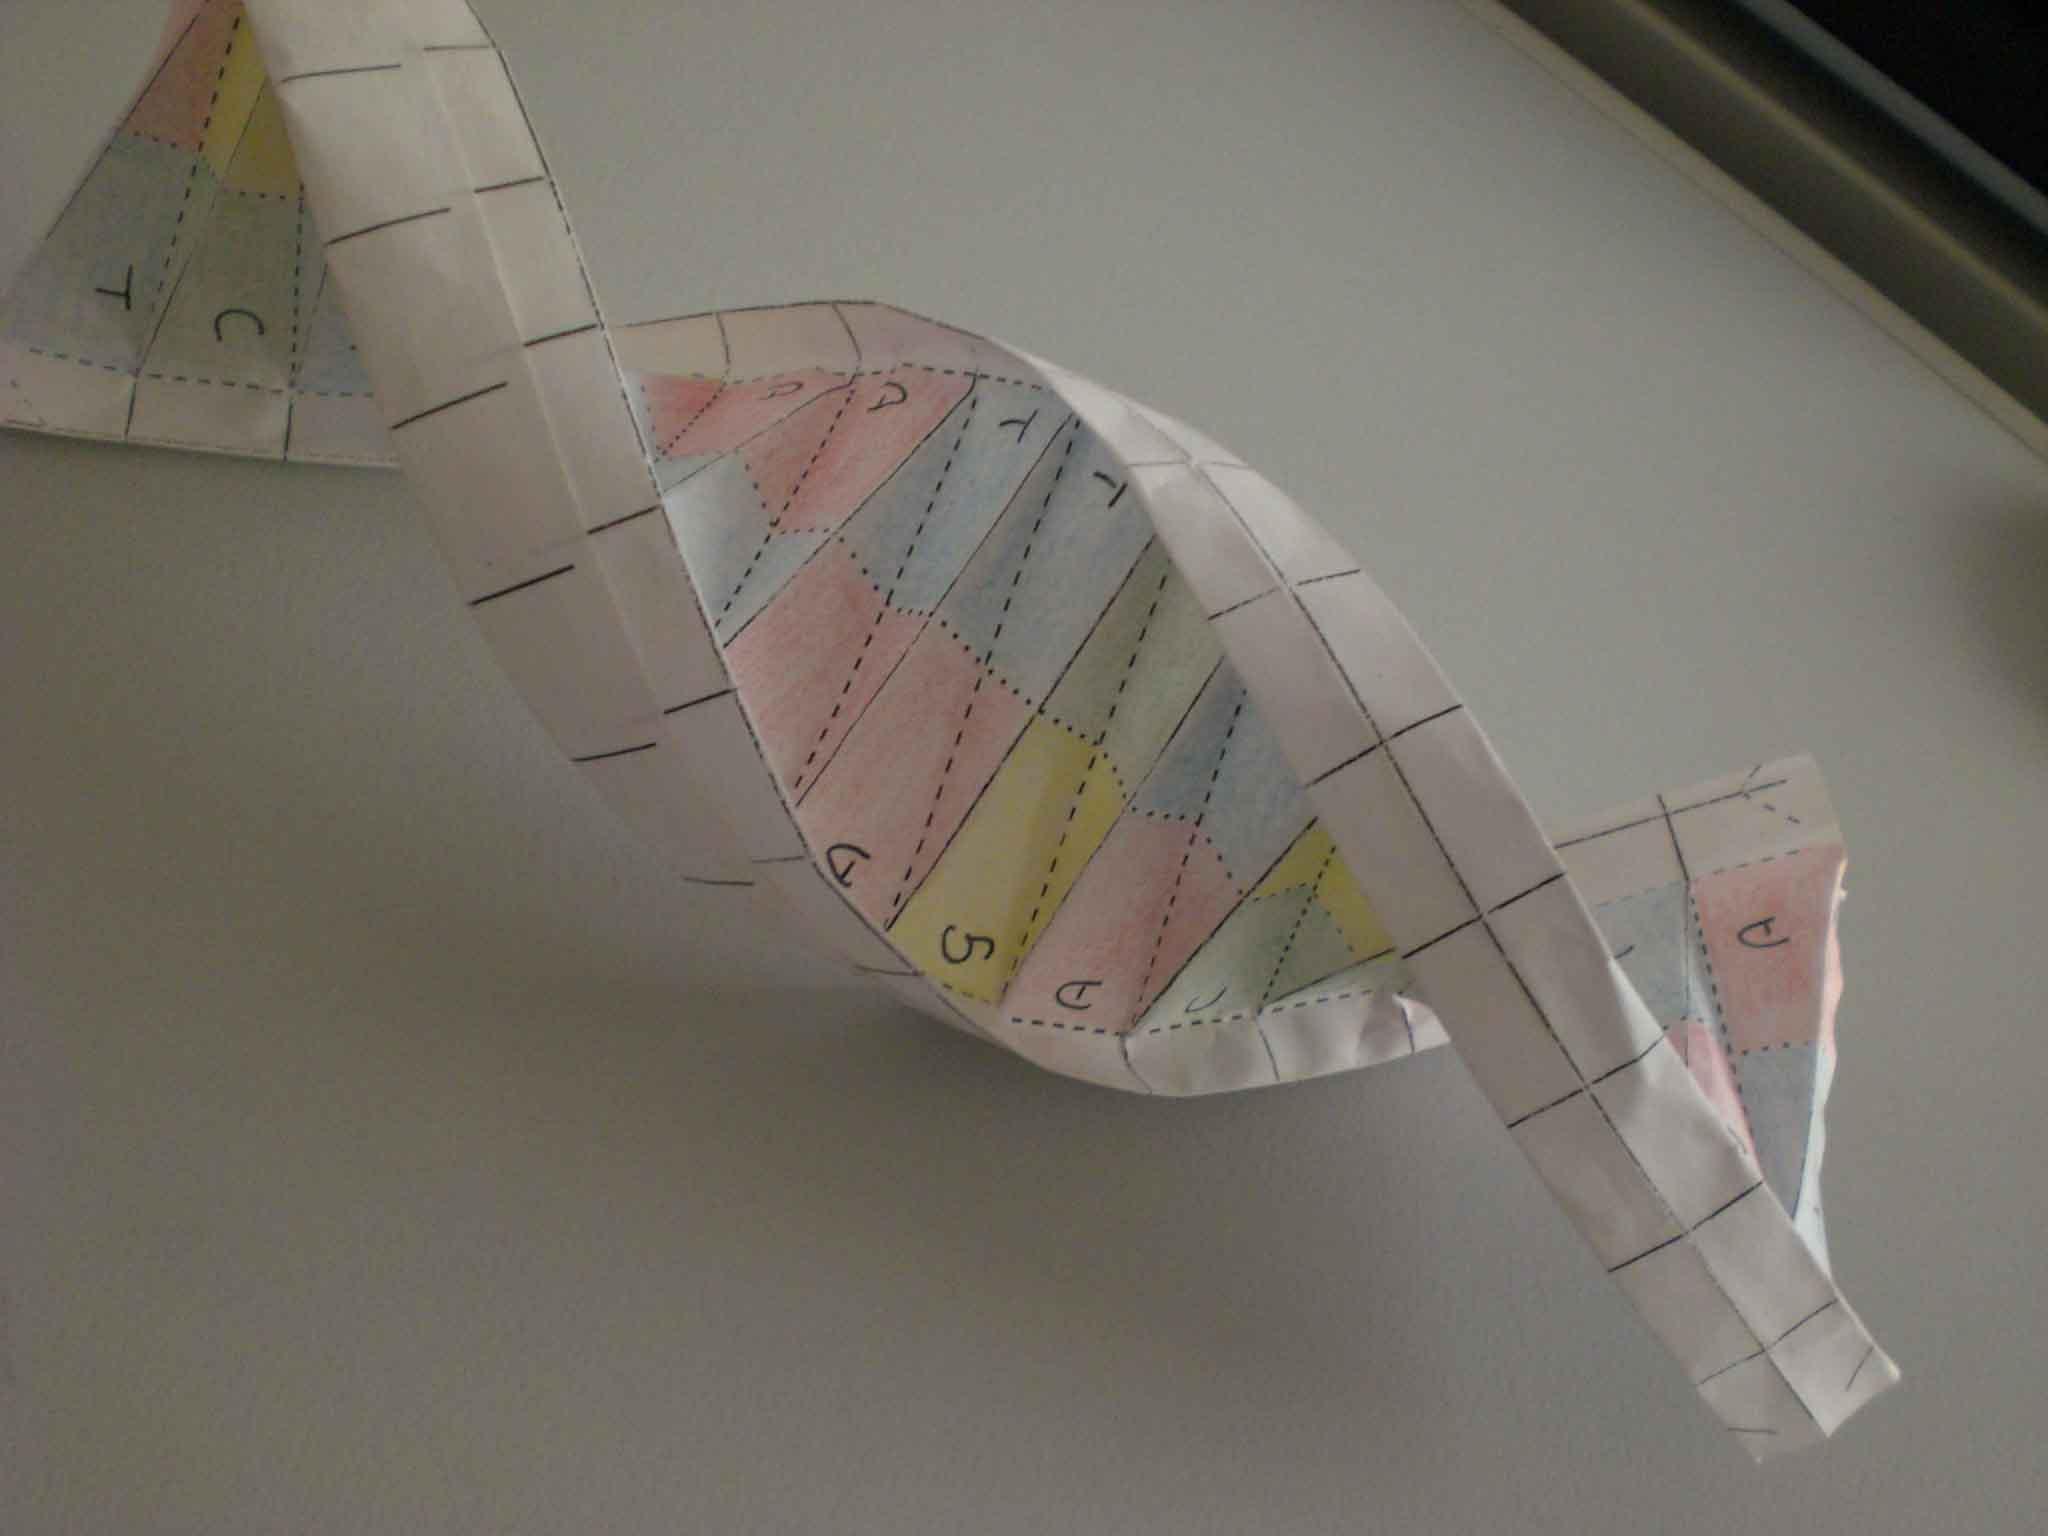 Molécula de ADN hecha en papel